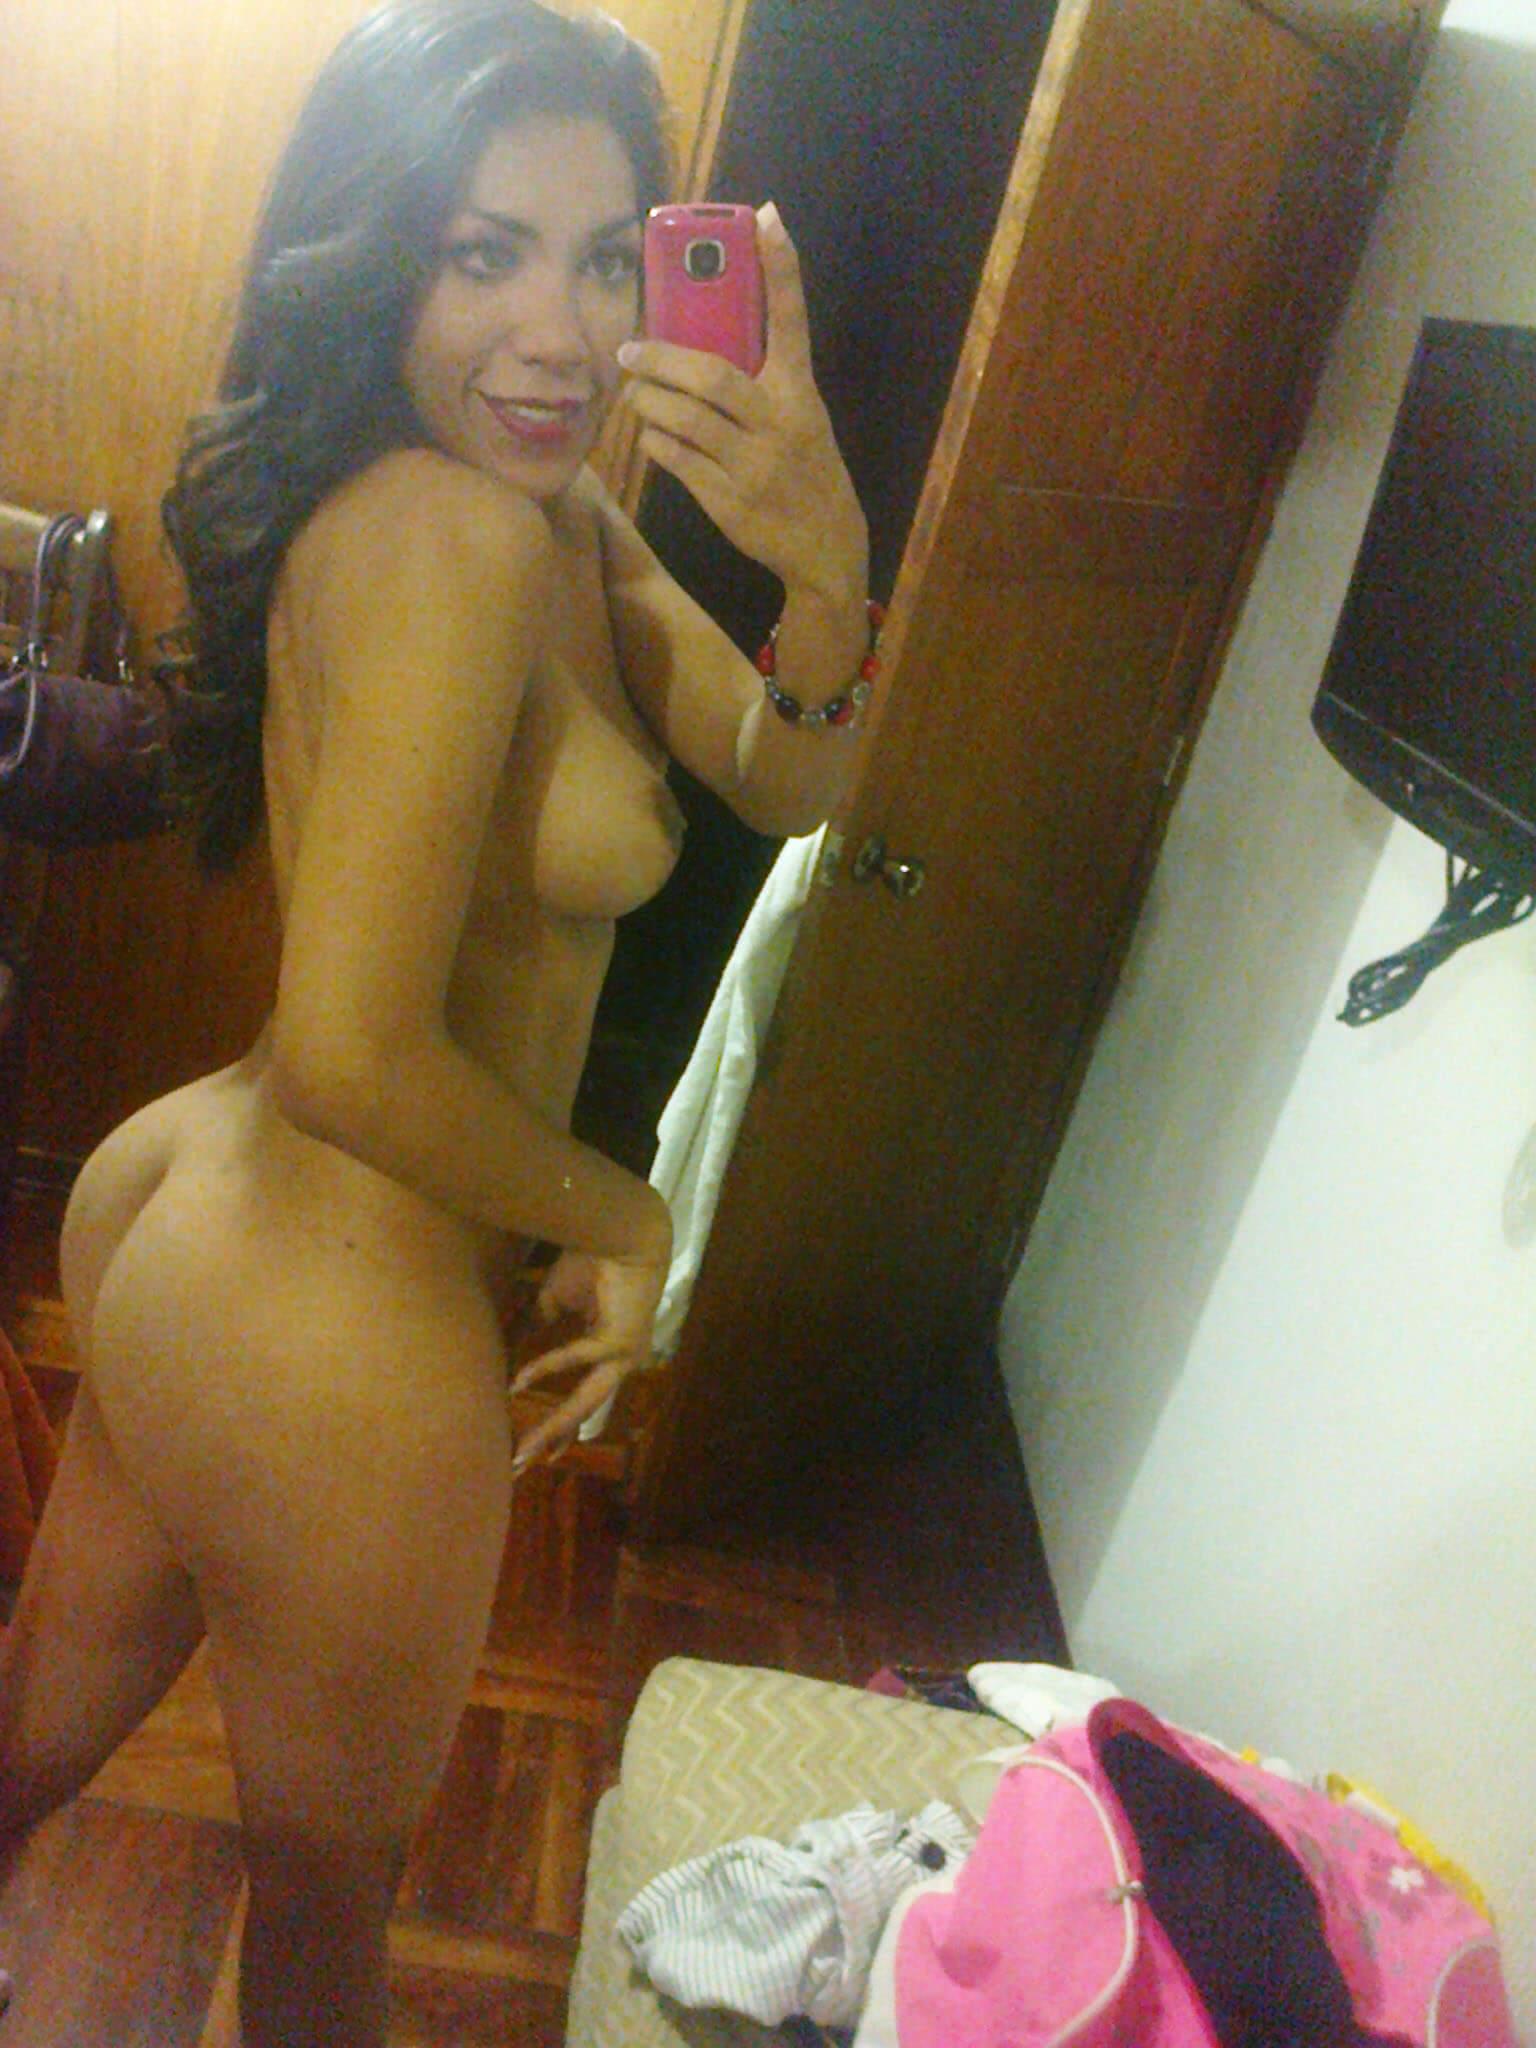 romina minina tranny selfie